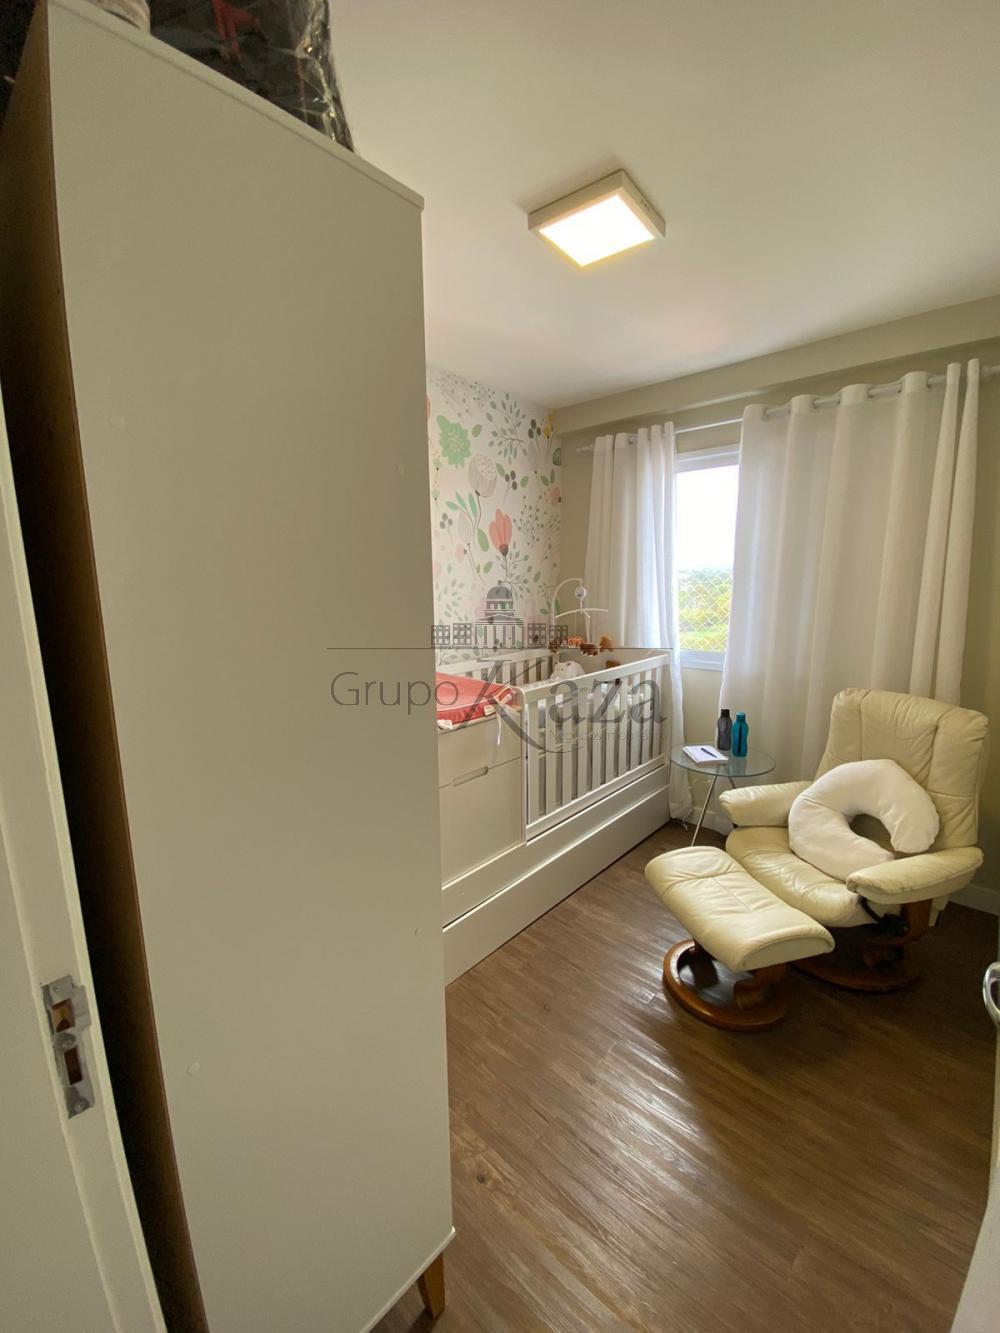 alt='Alugar Apartamento / Padrão em São José dos Campos R$ 2.200,00 - Foto 23' title='Alugar Apartamento / Padrão em São José dos Campos R$ 2.200,00 - Foto 23'